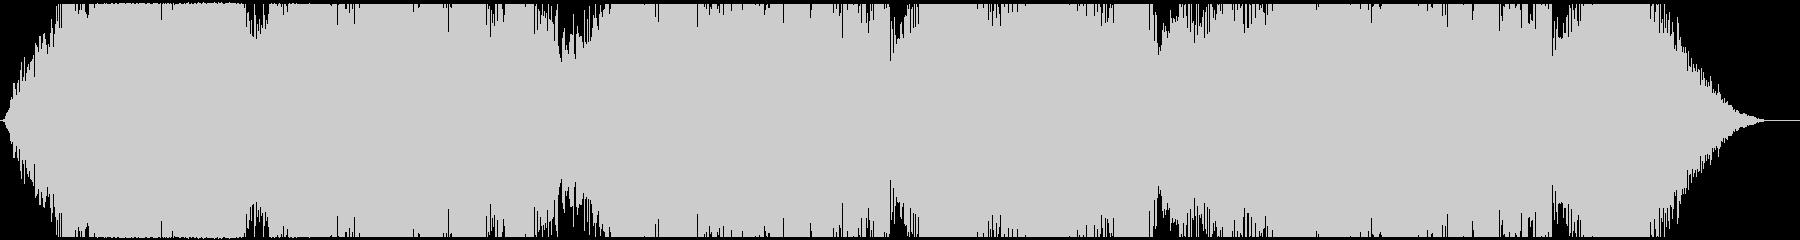 ドローン ムービングエアハイ01の未再生の波形